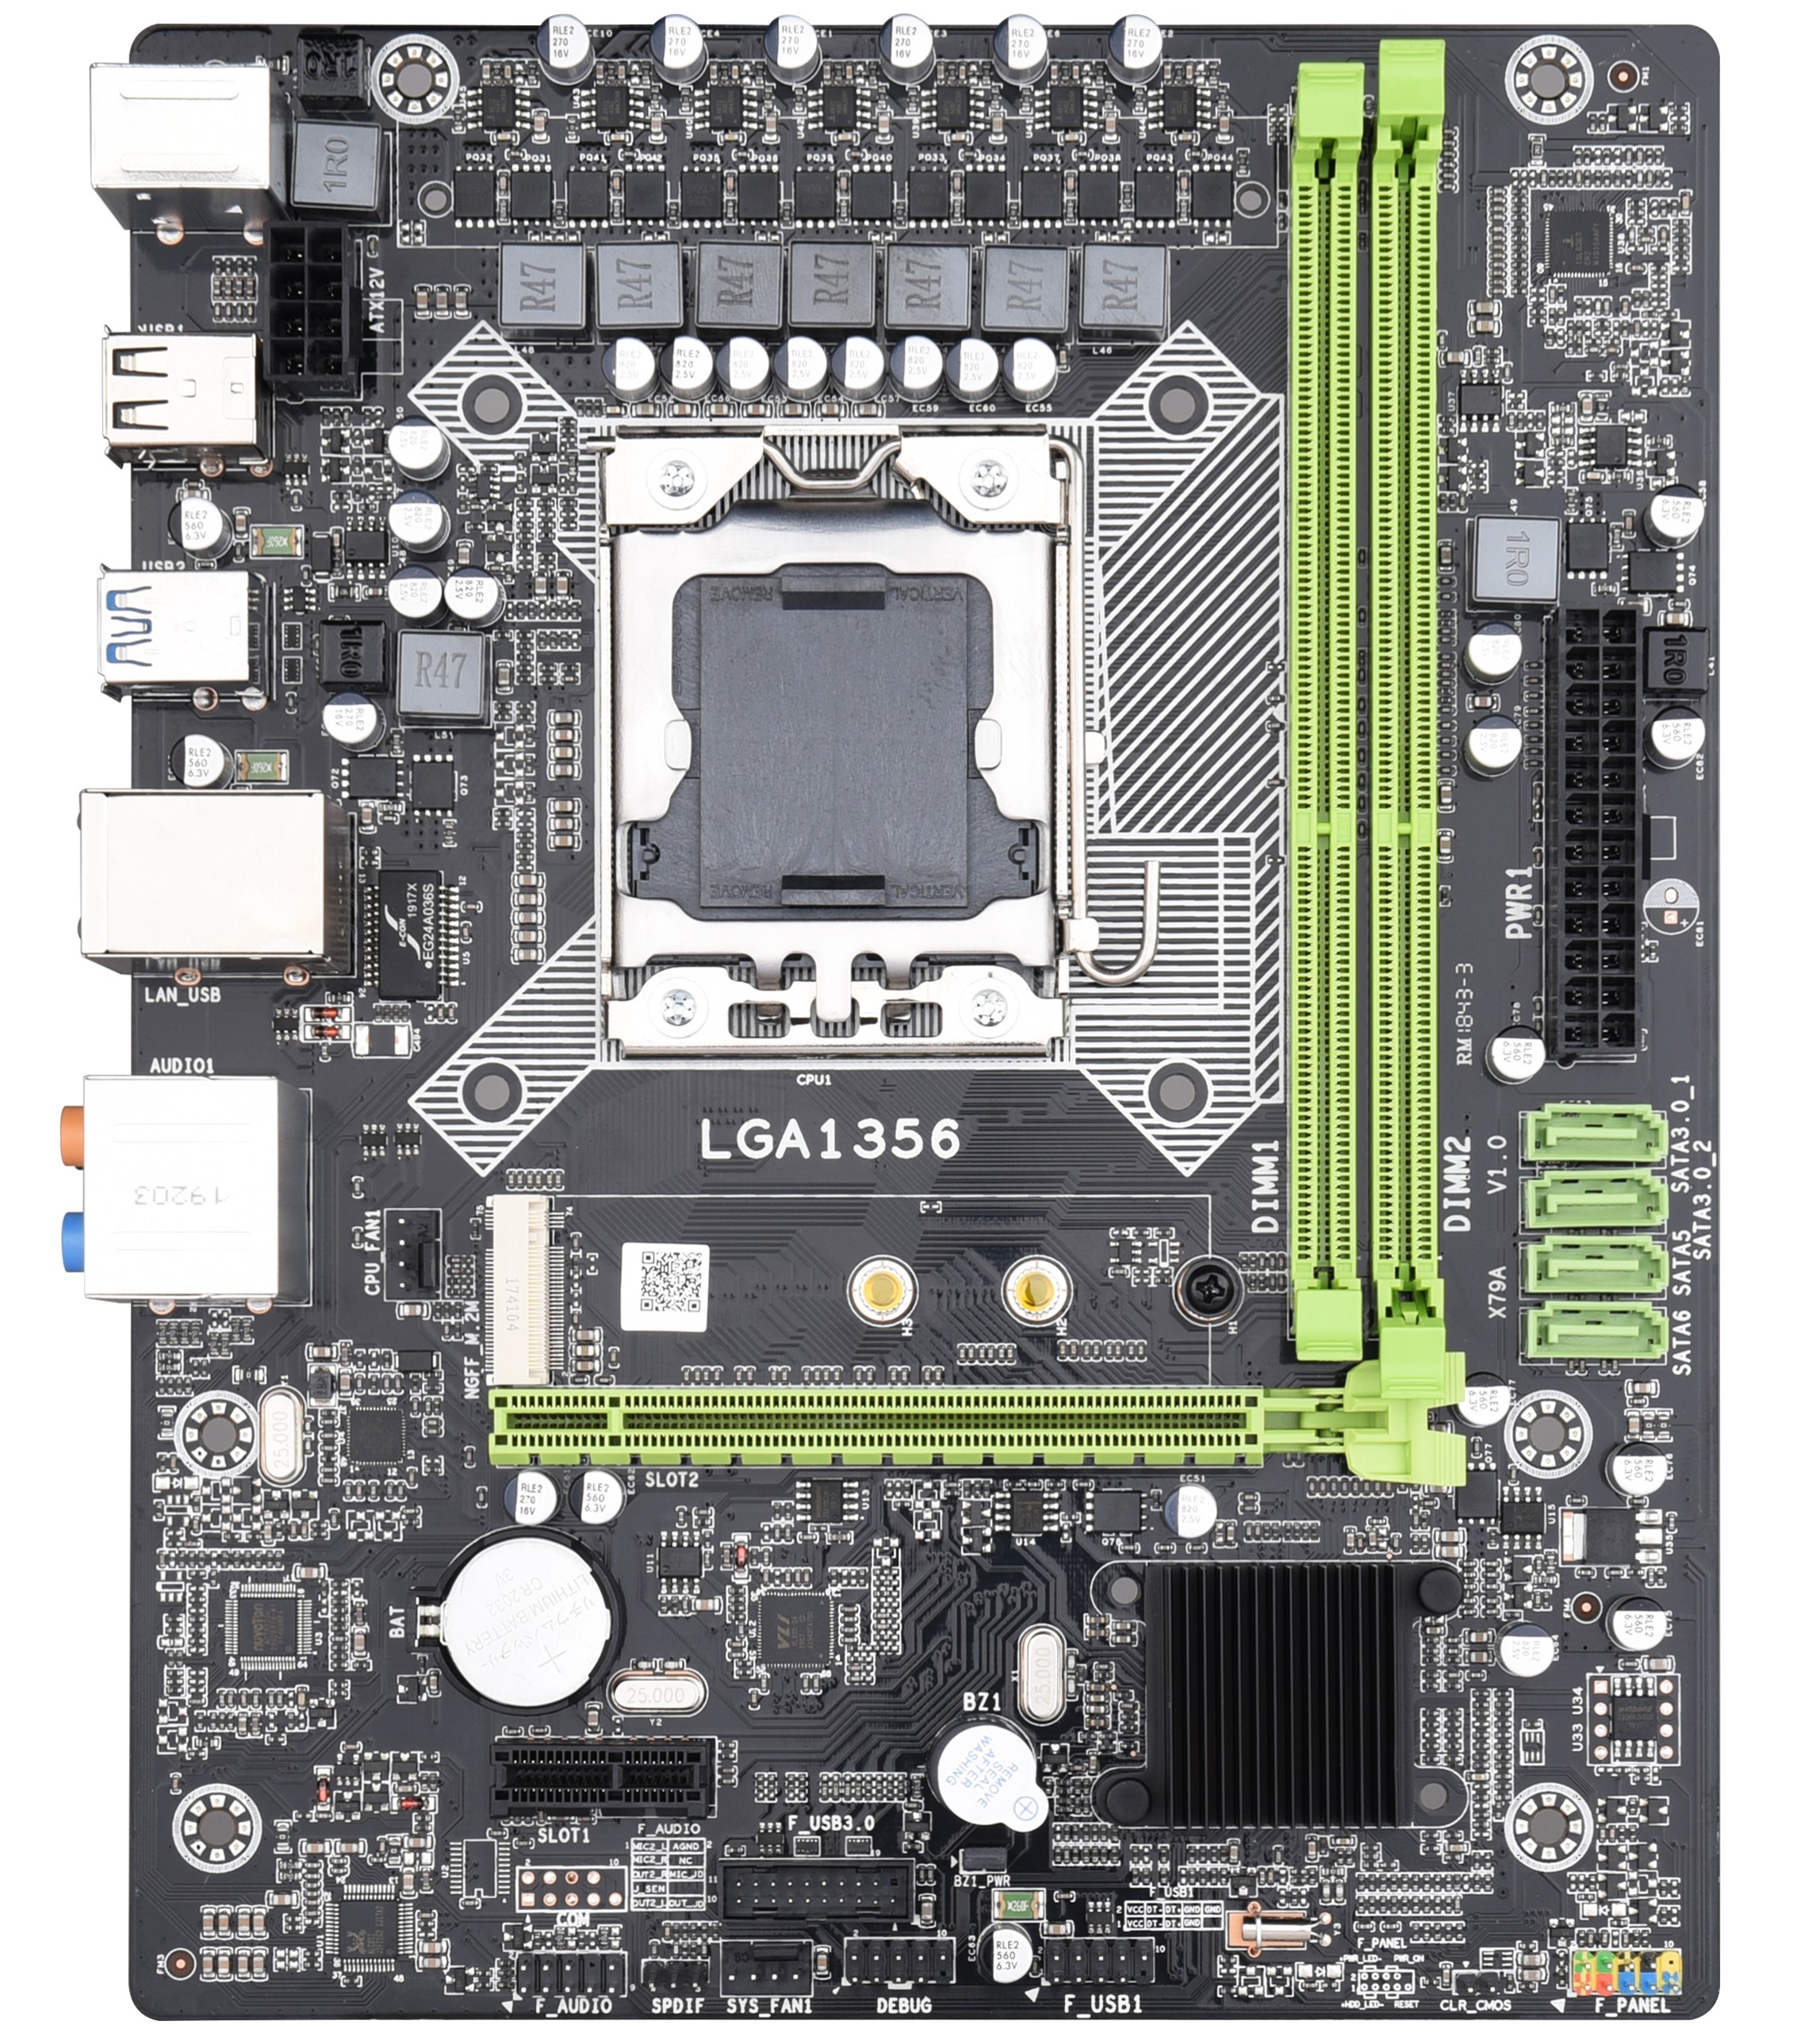 PPYY NEW -X79A Lga 1356 Motherboard Usb3.0 Support Reg Ecc Server Memory And Lga1356 Xeon E5 Processor For Desktop Server Ddr3